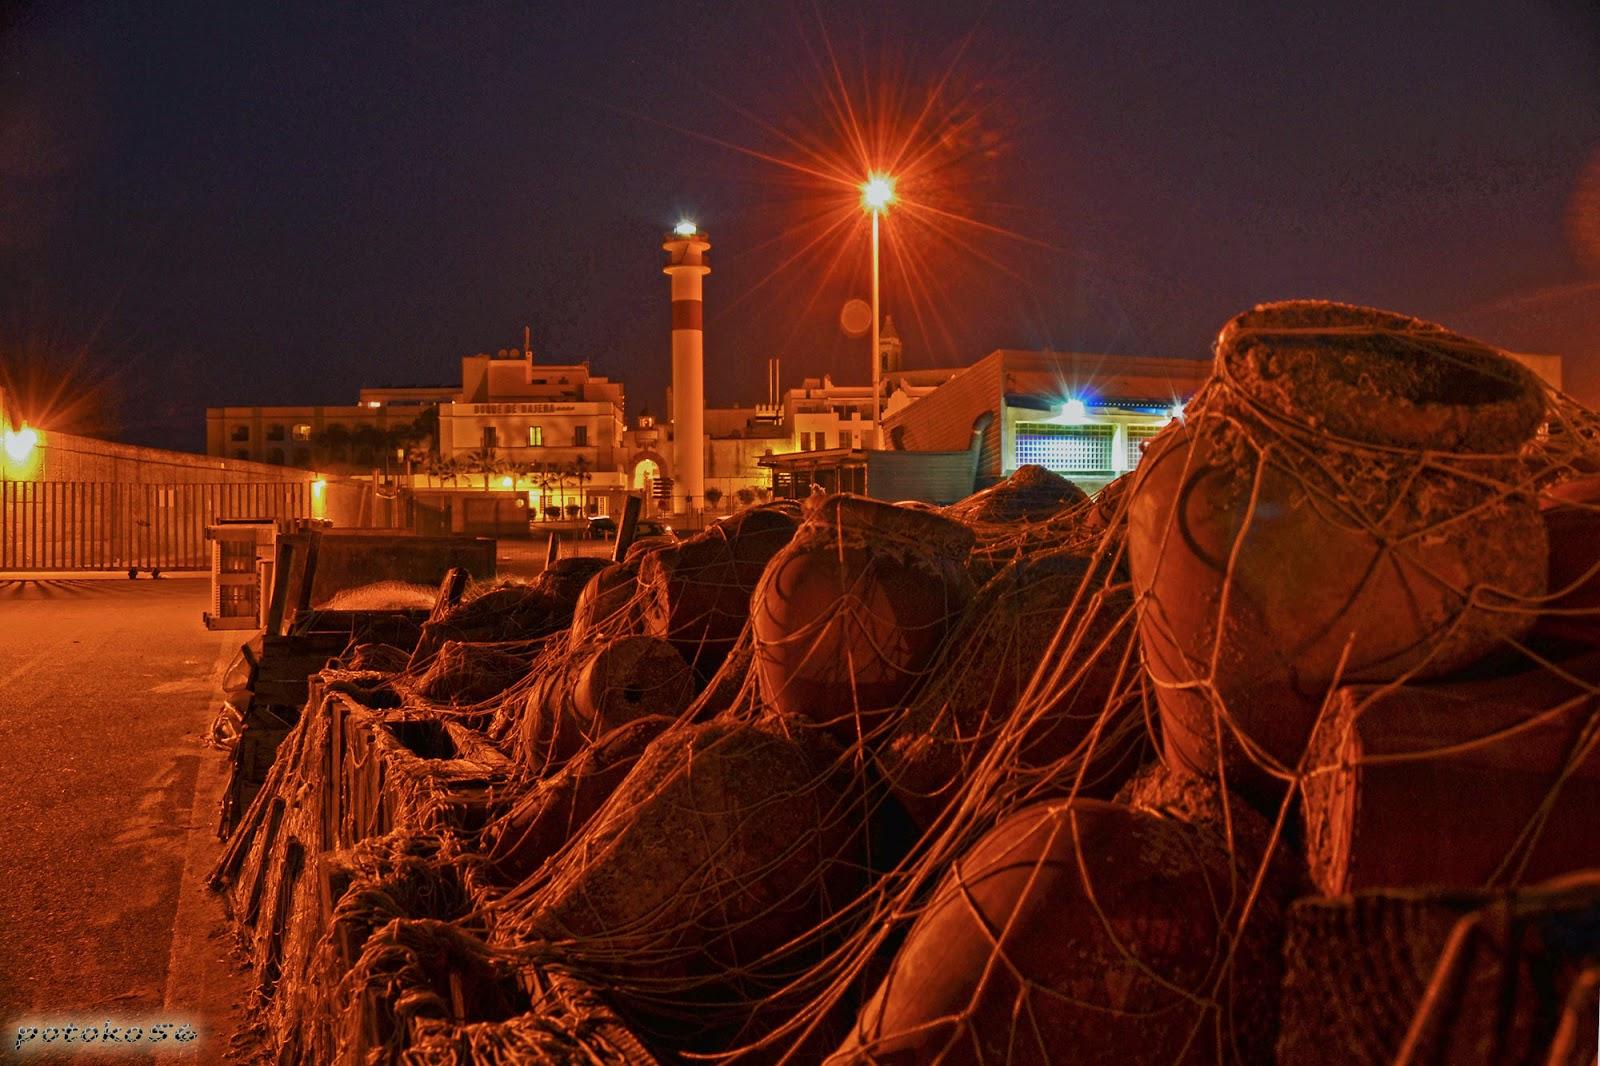 Nocturna del Muelle pesquero y el Faro Rota